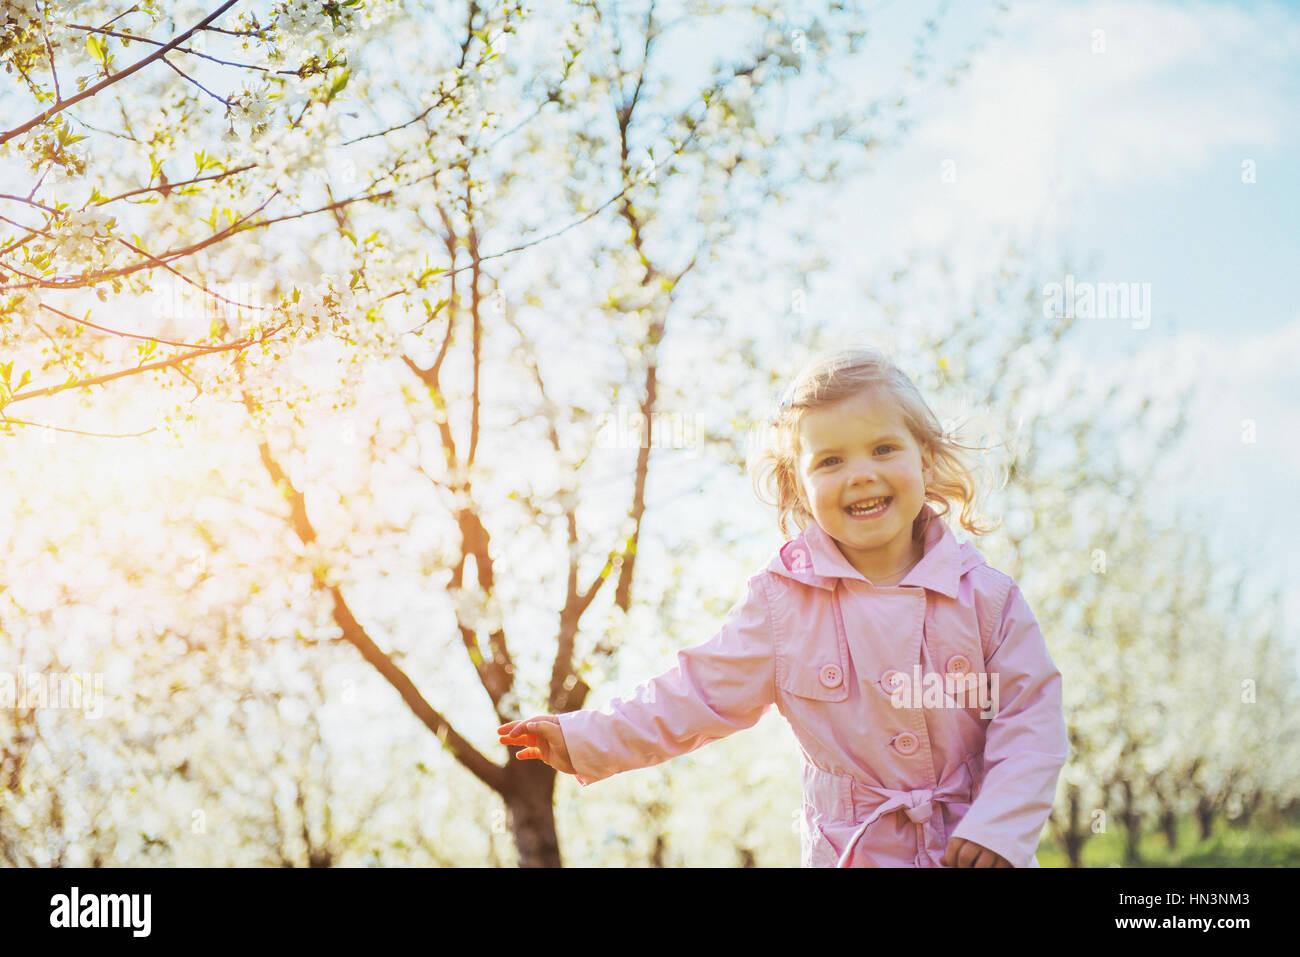 Bambino in esecuzione all'esterno alberi in fiore. Immagini Stock